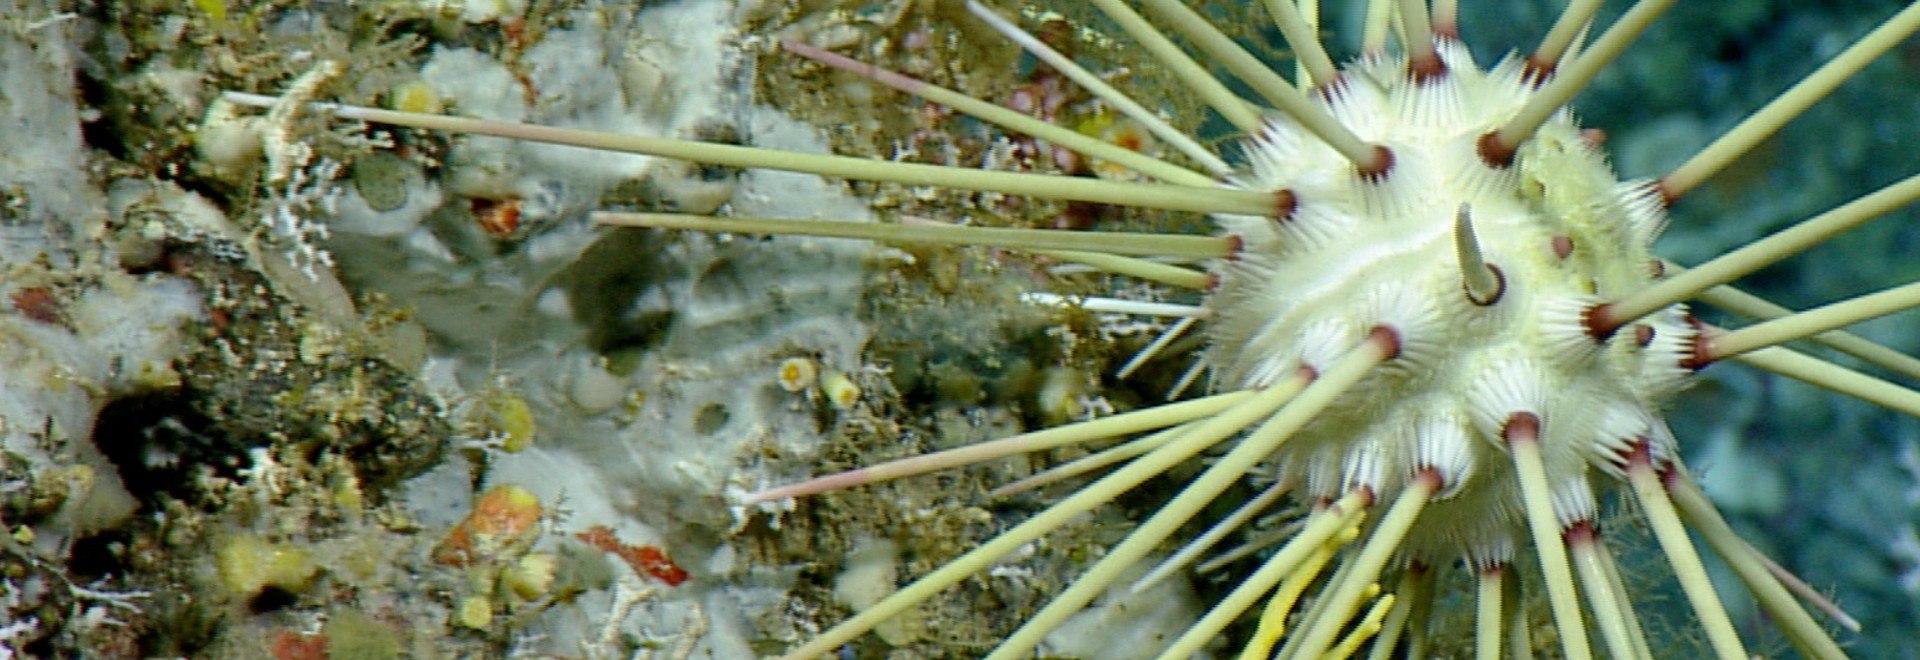 Oceani: predatori degli abissi